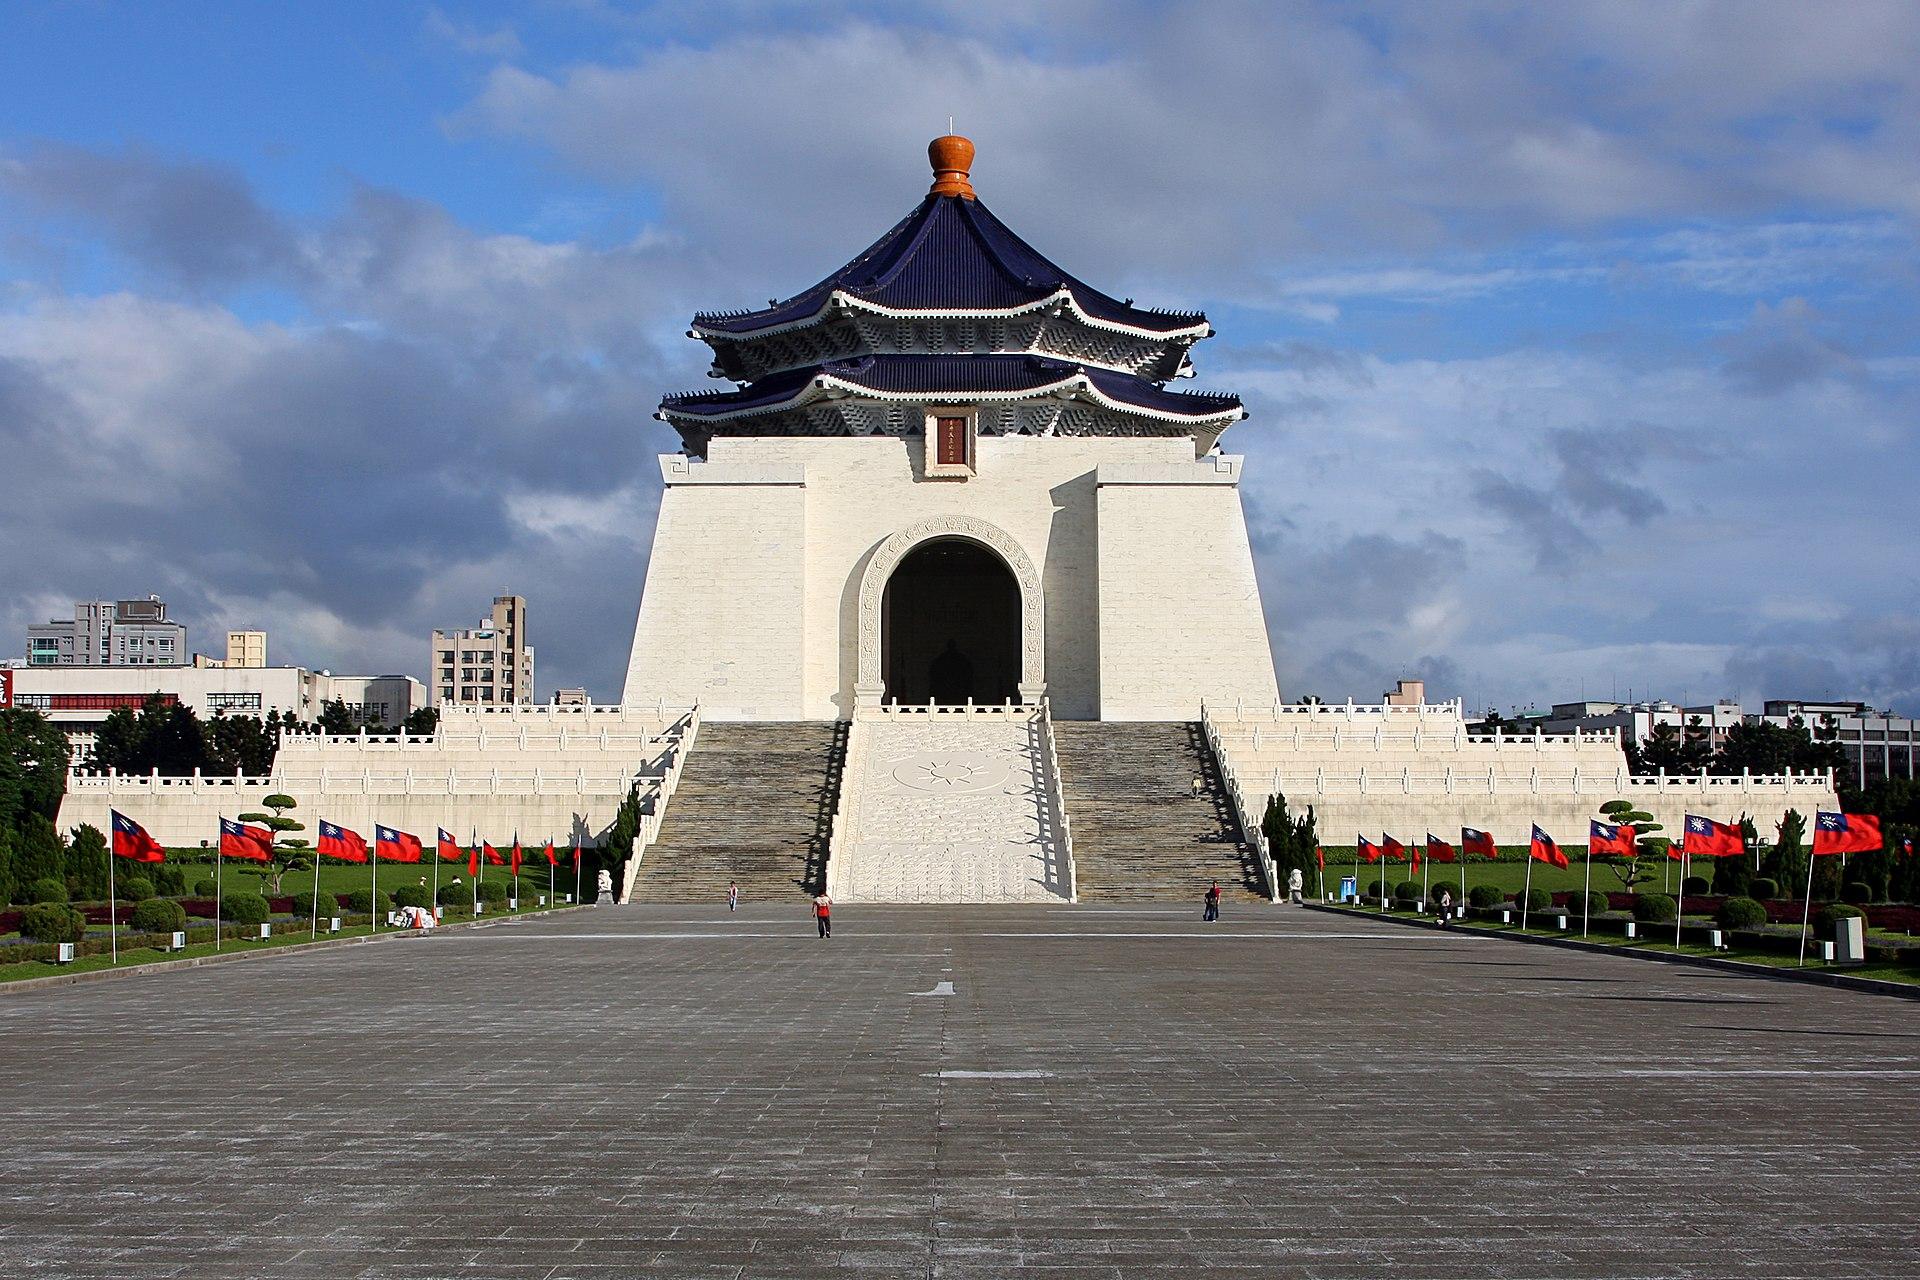 中正紀念堂 - Wikipedia